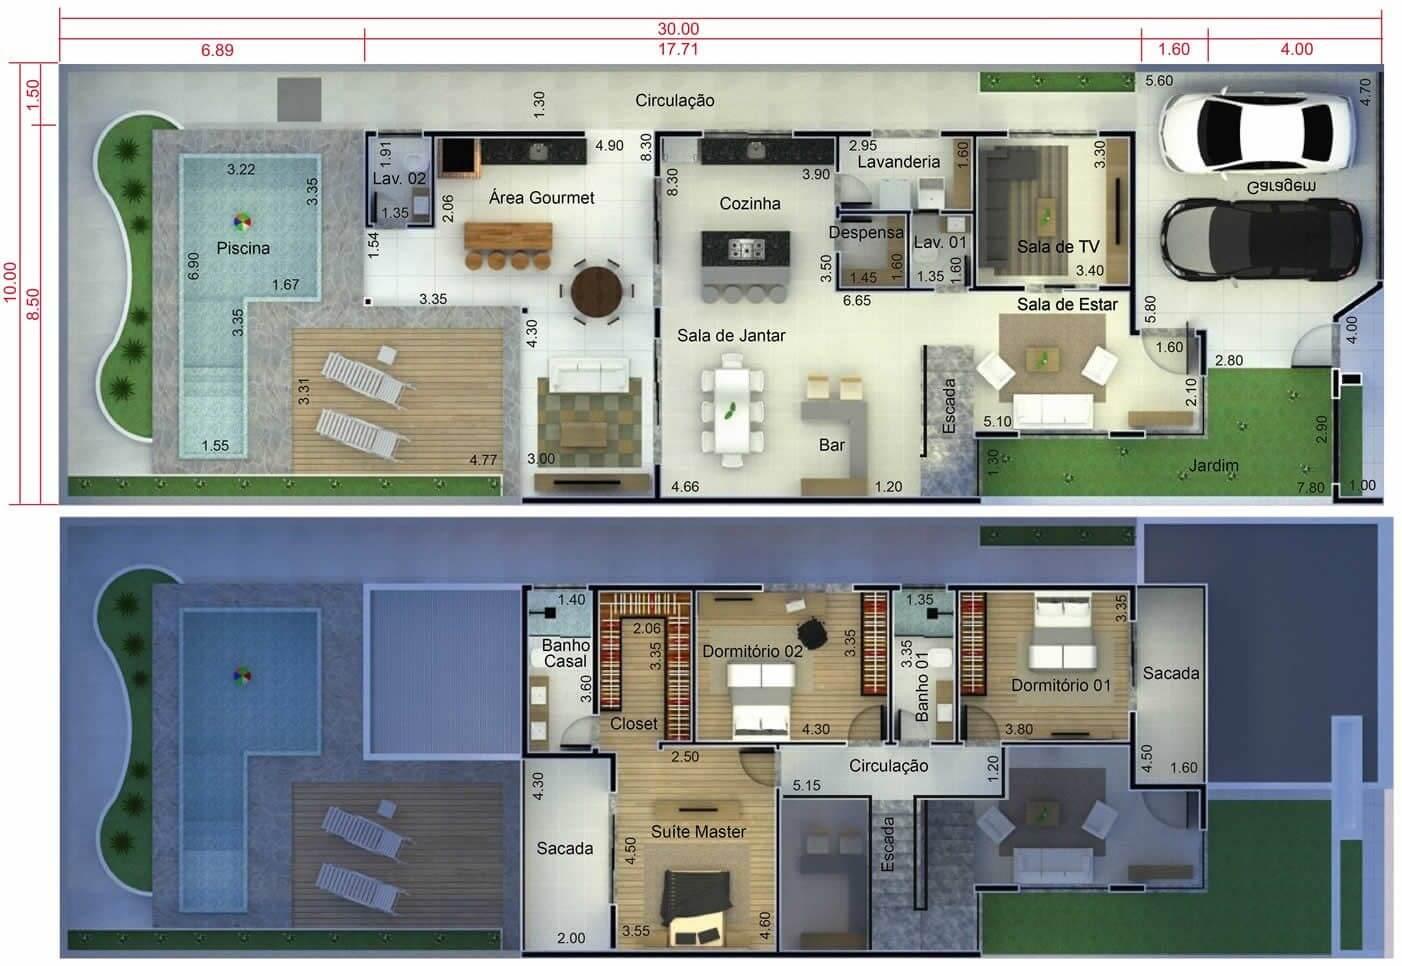 Consultoria e Assessoria em Arquitetura consultoria e assessoria em arquitetura Consultoria e Assessoria em Arquitetura Foto 24 Nossos serviços Nossos serviços Foto 24